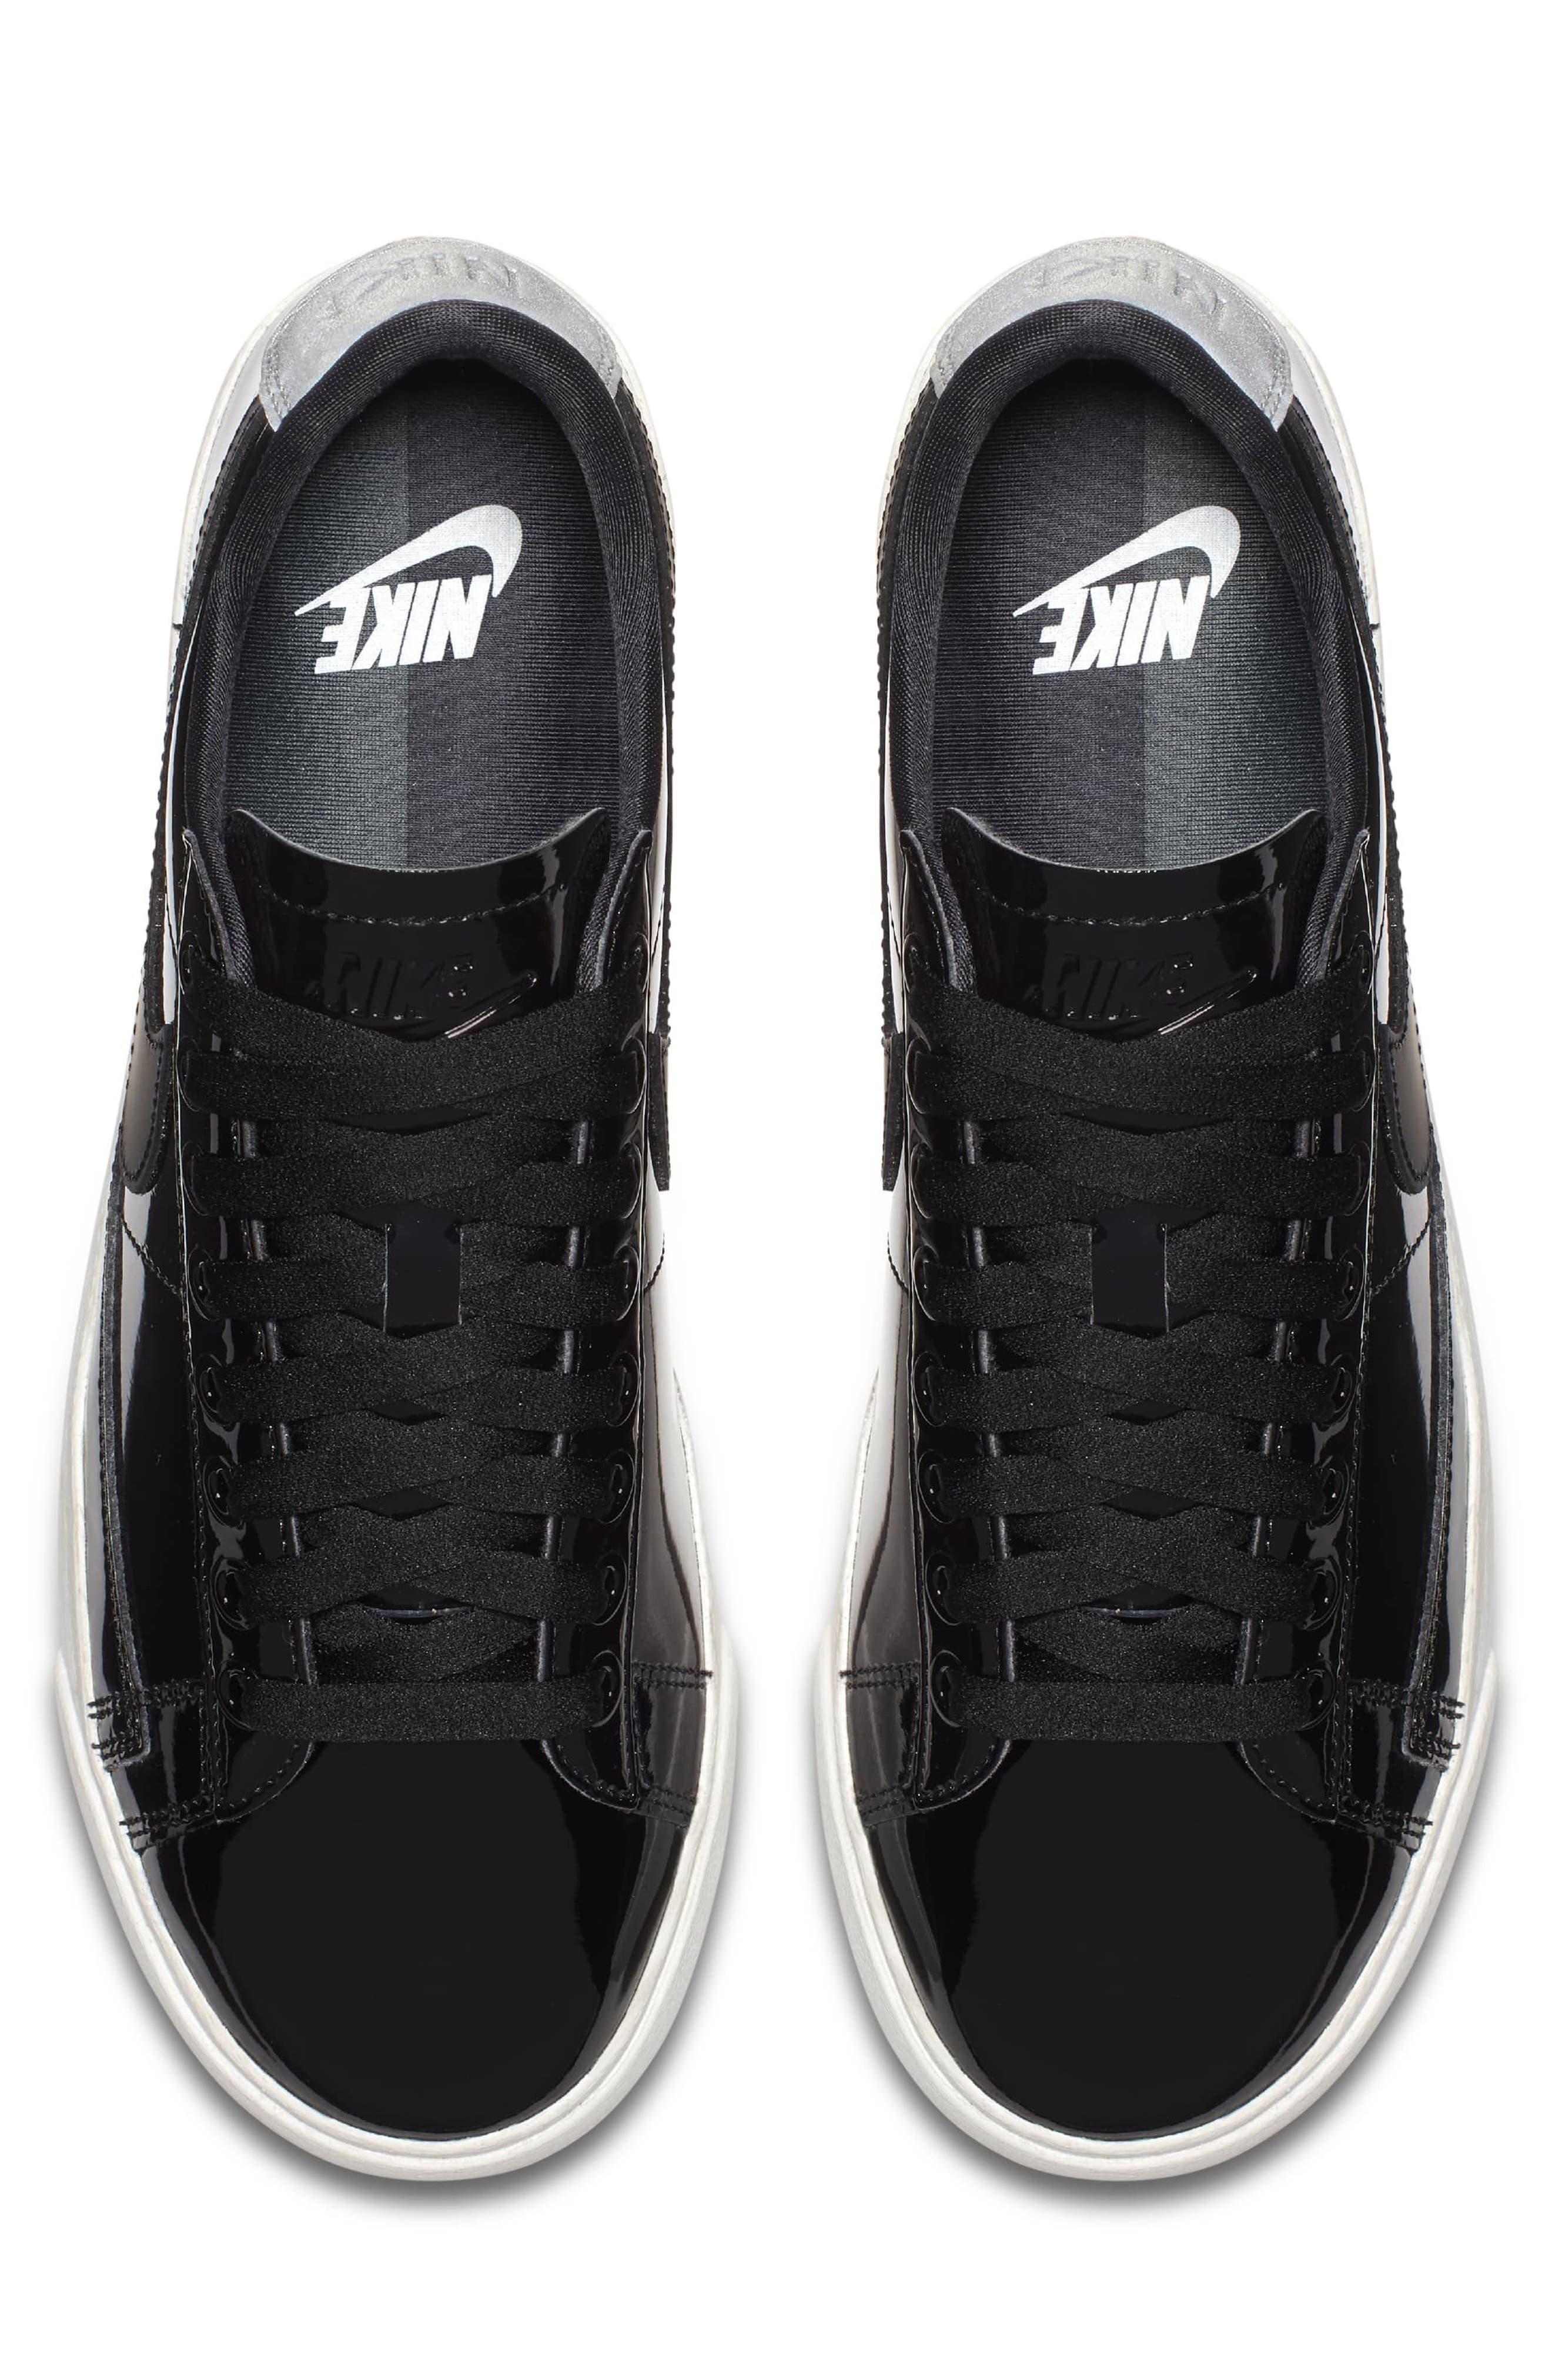 Blazer Low Top Sneaker SE,                             Alternate thumbnail 3, color,                             Black/ Black Reflect Silver